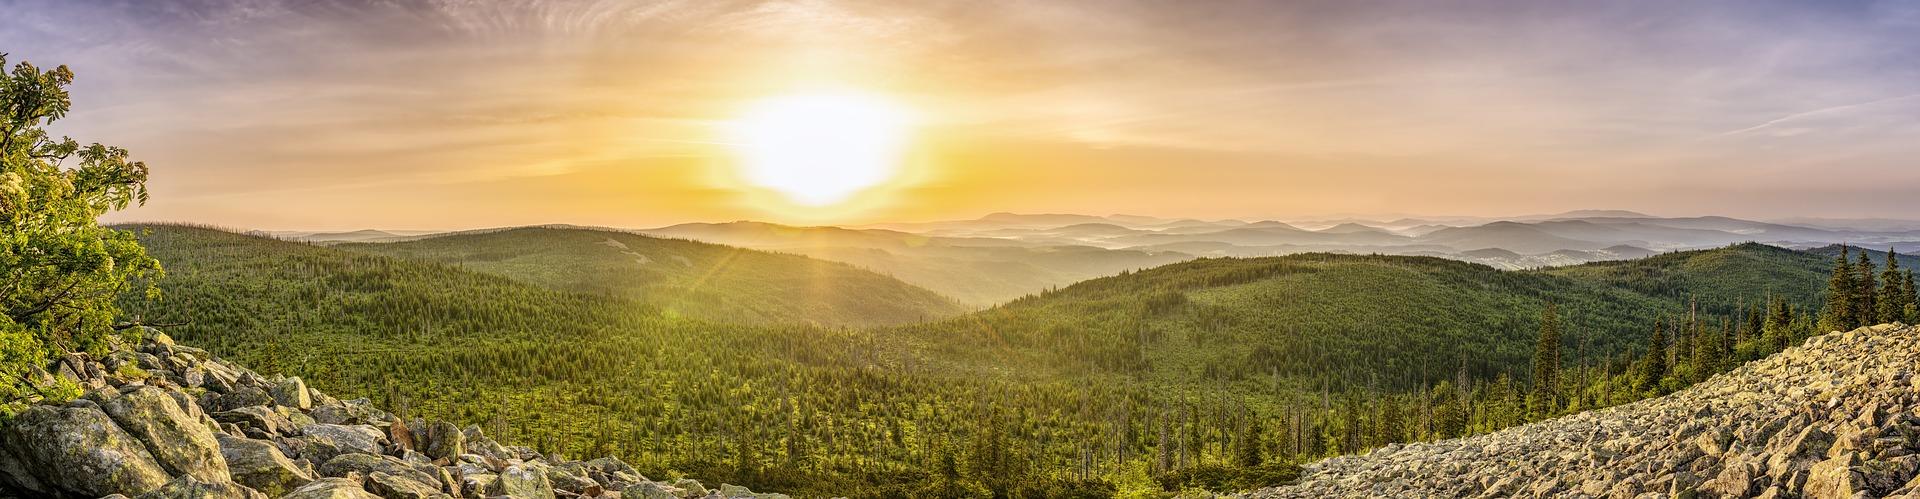 Lusen im Bayerischen Wald